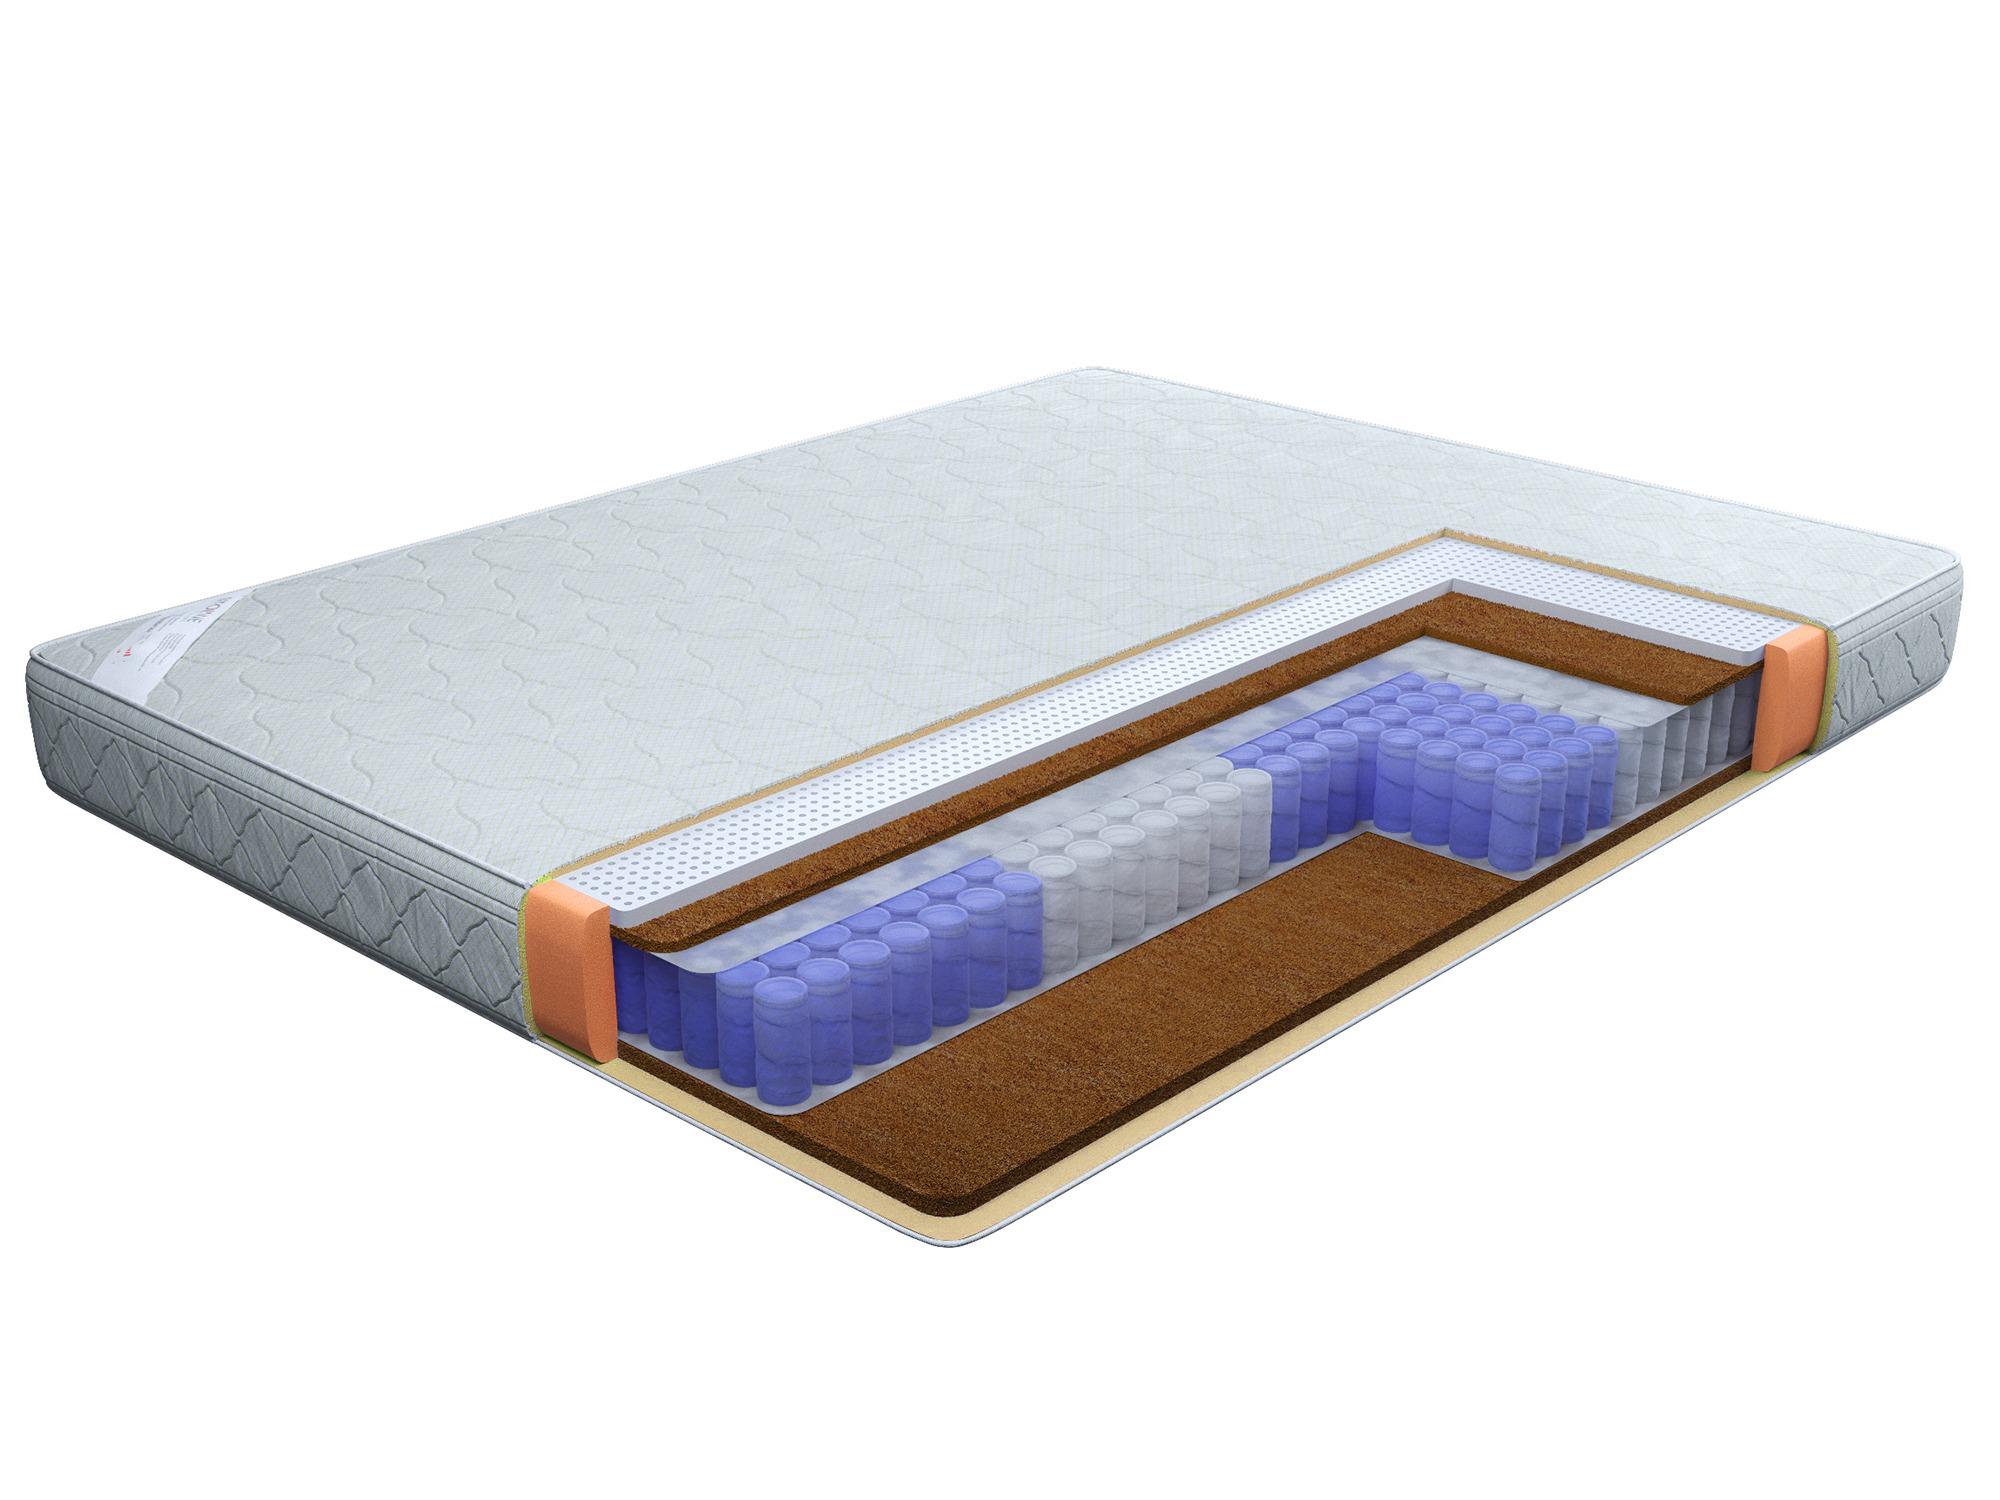 Матрас Премиум-Афродита 1200*2000Мебель для спальни<br>Ортопедический матрас с различной жесткостью сторон на основе блока независимых пружин. Верхняя жесткая сторона содержит кокосовую плиту и волокна сизаля. Волокна сизаля не проводят статическое электричество, предохраняя от ощущения жары и влажности. Нижняя мягкая сторона содержит койру и натуральный латекс- 100% натуральный материал, обладающий антистатическим действием. &#13;Габаритные размеры (ШхВхГ): от 800 x 180-220 x от 1900 мм &#13;Высота: 19-20;&#13;Периметр: пенополиуретан;&#13;Основа: блок независимых пружин (Pocket spring);&#13;Чехол: трикотаж хлопковый, стеганный на ППУ;&#13;Наполнитель: кокосовая койра, настил сизаля, натуральный латекс;&#13;Макс. нагрузка на 1 спальное место: до 120 кг.<br><br>Длина мм: 1200<br>Высота мм: 180<br>Глубина мм: 2000<br>Длина матраса: 2000<br>Ширина матраса: 1200<br>Высота матраса: 200<br>Жесткость матраса: Средняя - Высокая<br>Тип матраса: блок независимых пружин